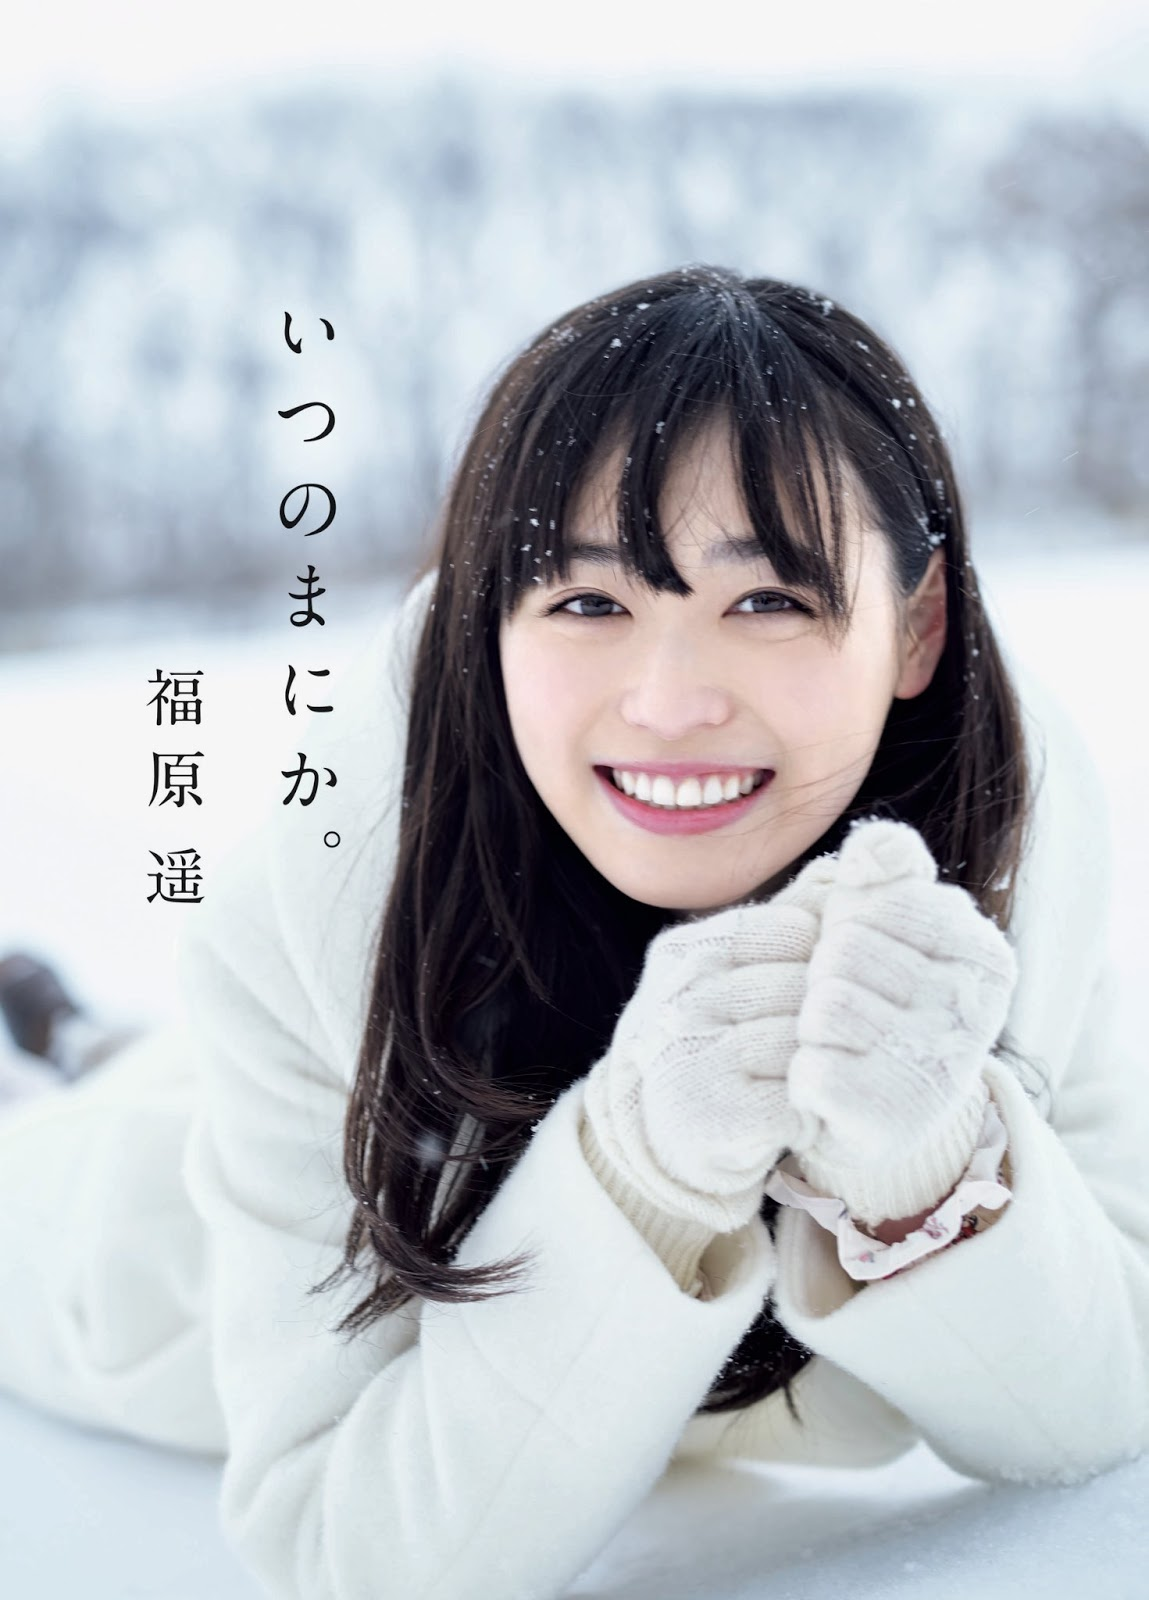 10 'nữ thần' thế hệ mới của Nhật Bản sở hữu nhan sắc 'ngàn năm mới gặp một lần'